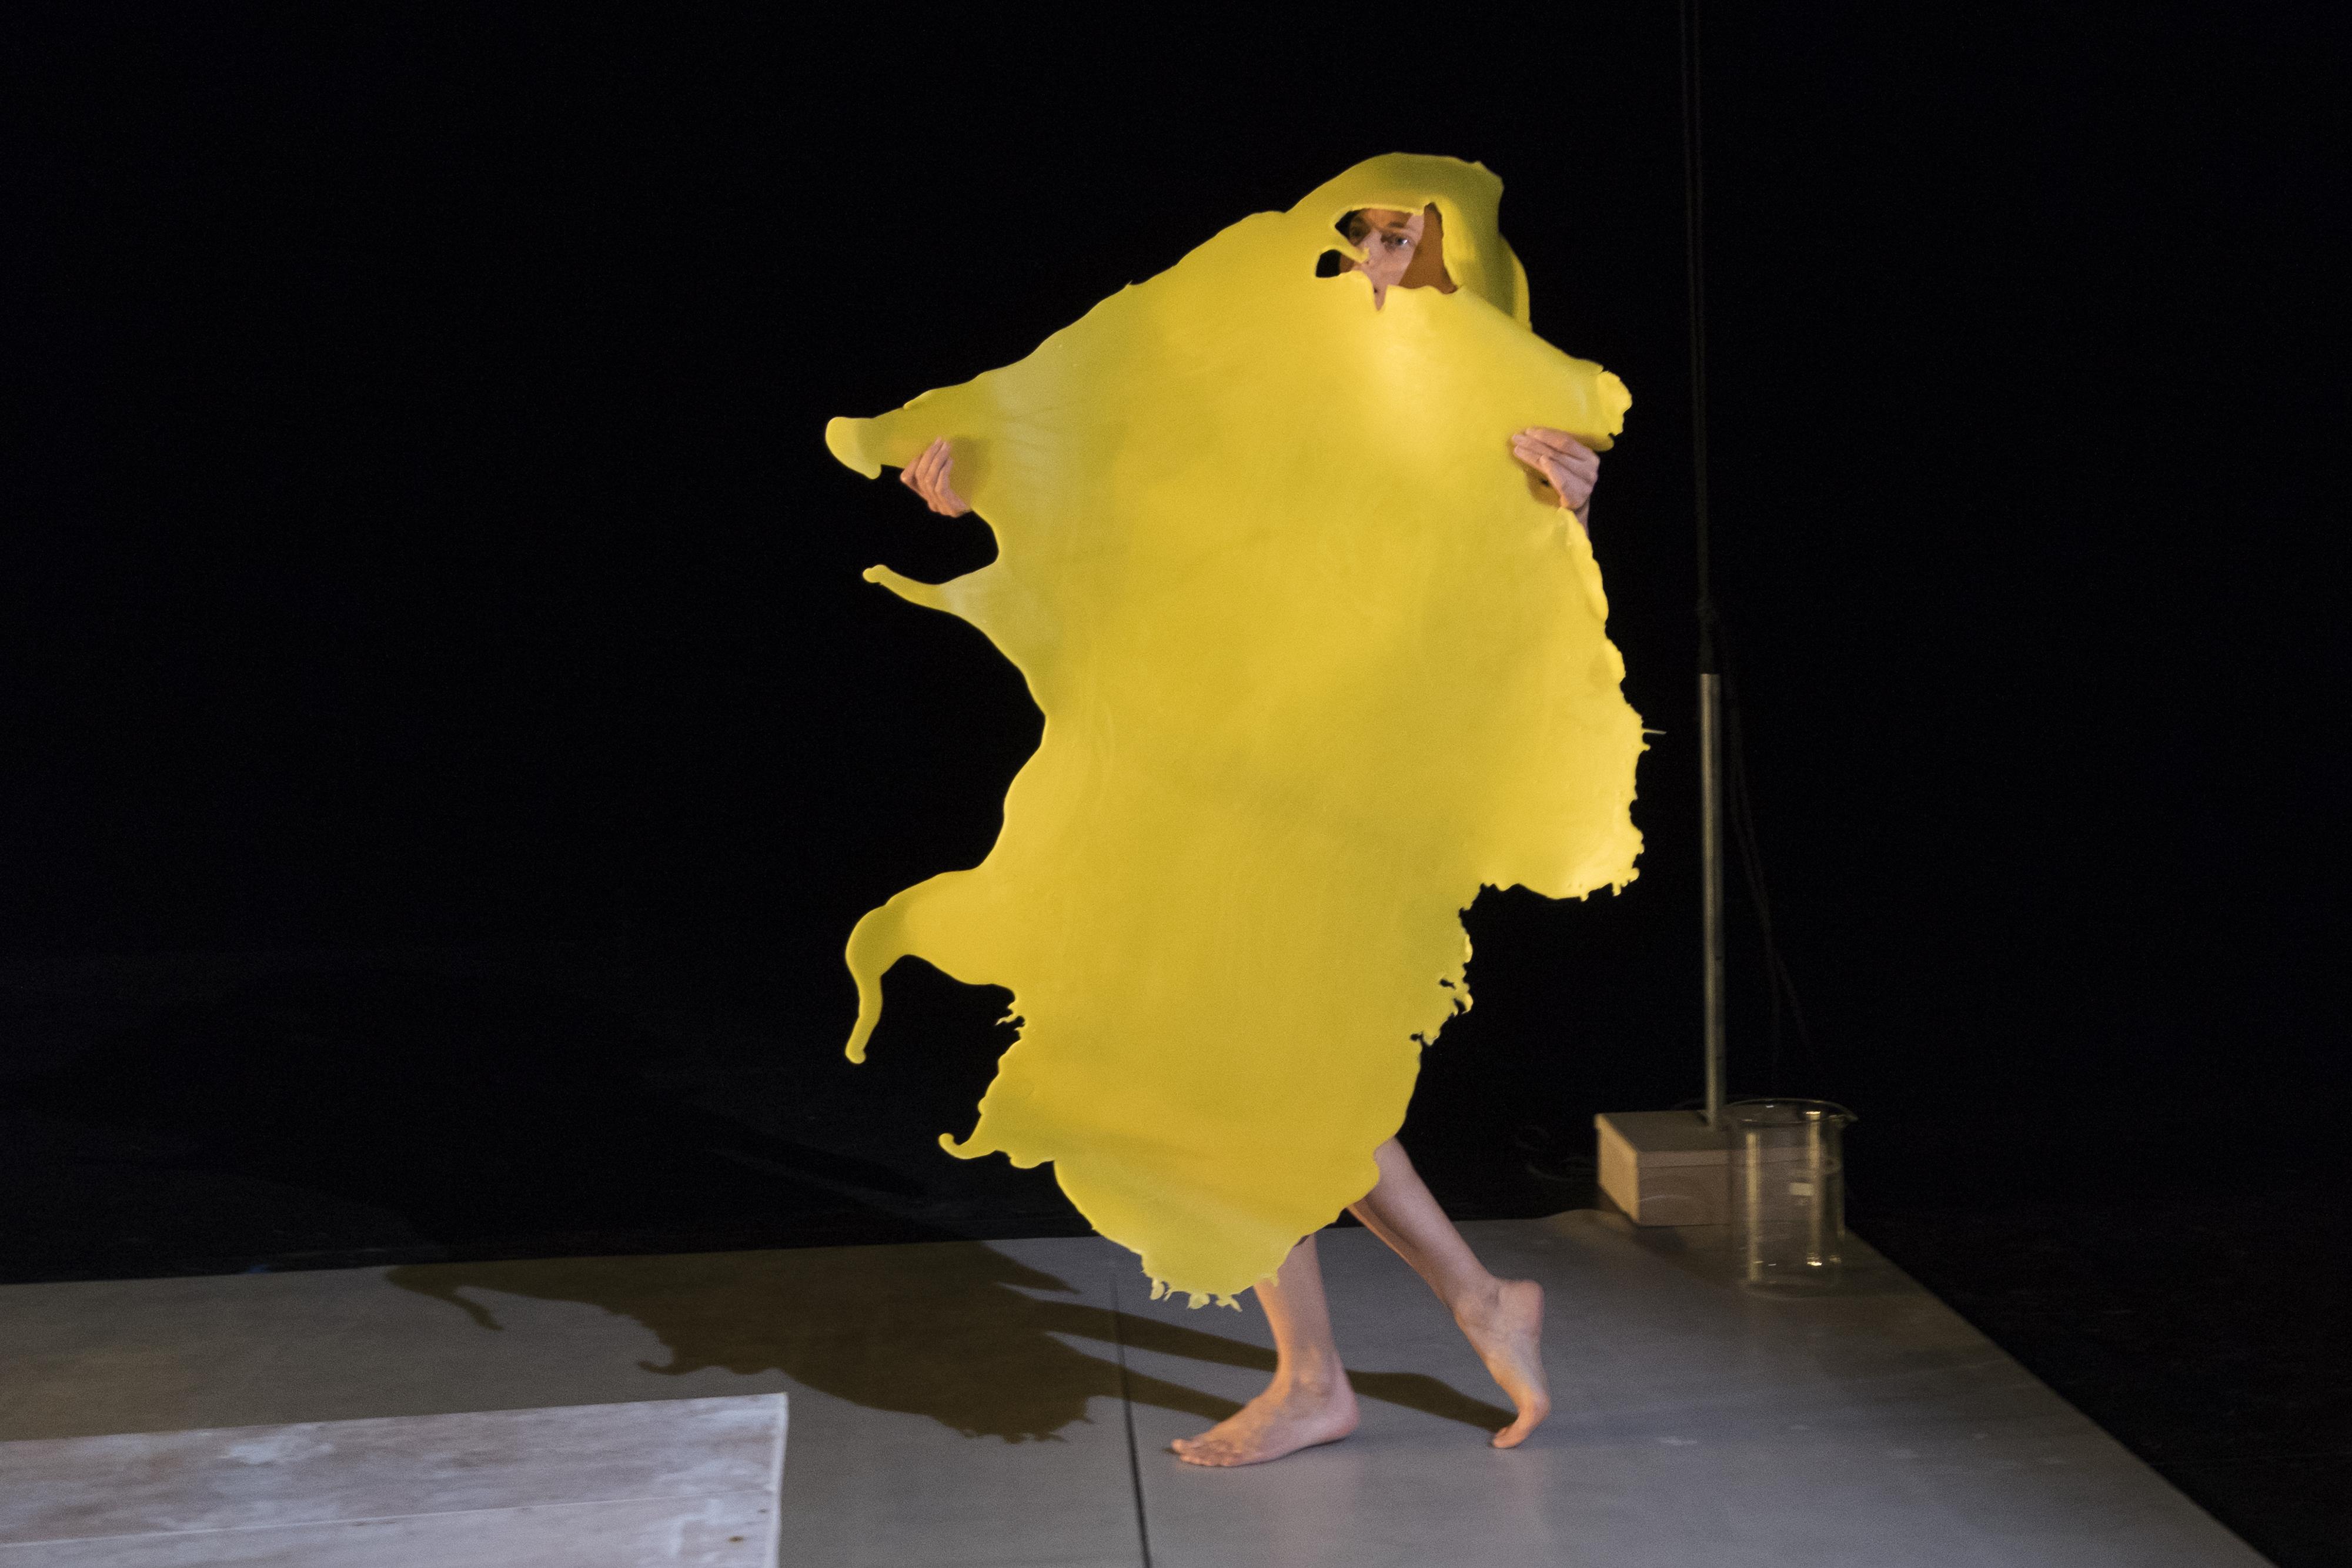 Théâtre d'objets: Wax comment sortir du moule - MOURENX